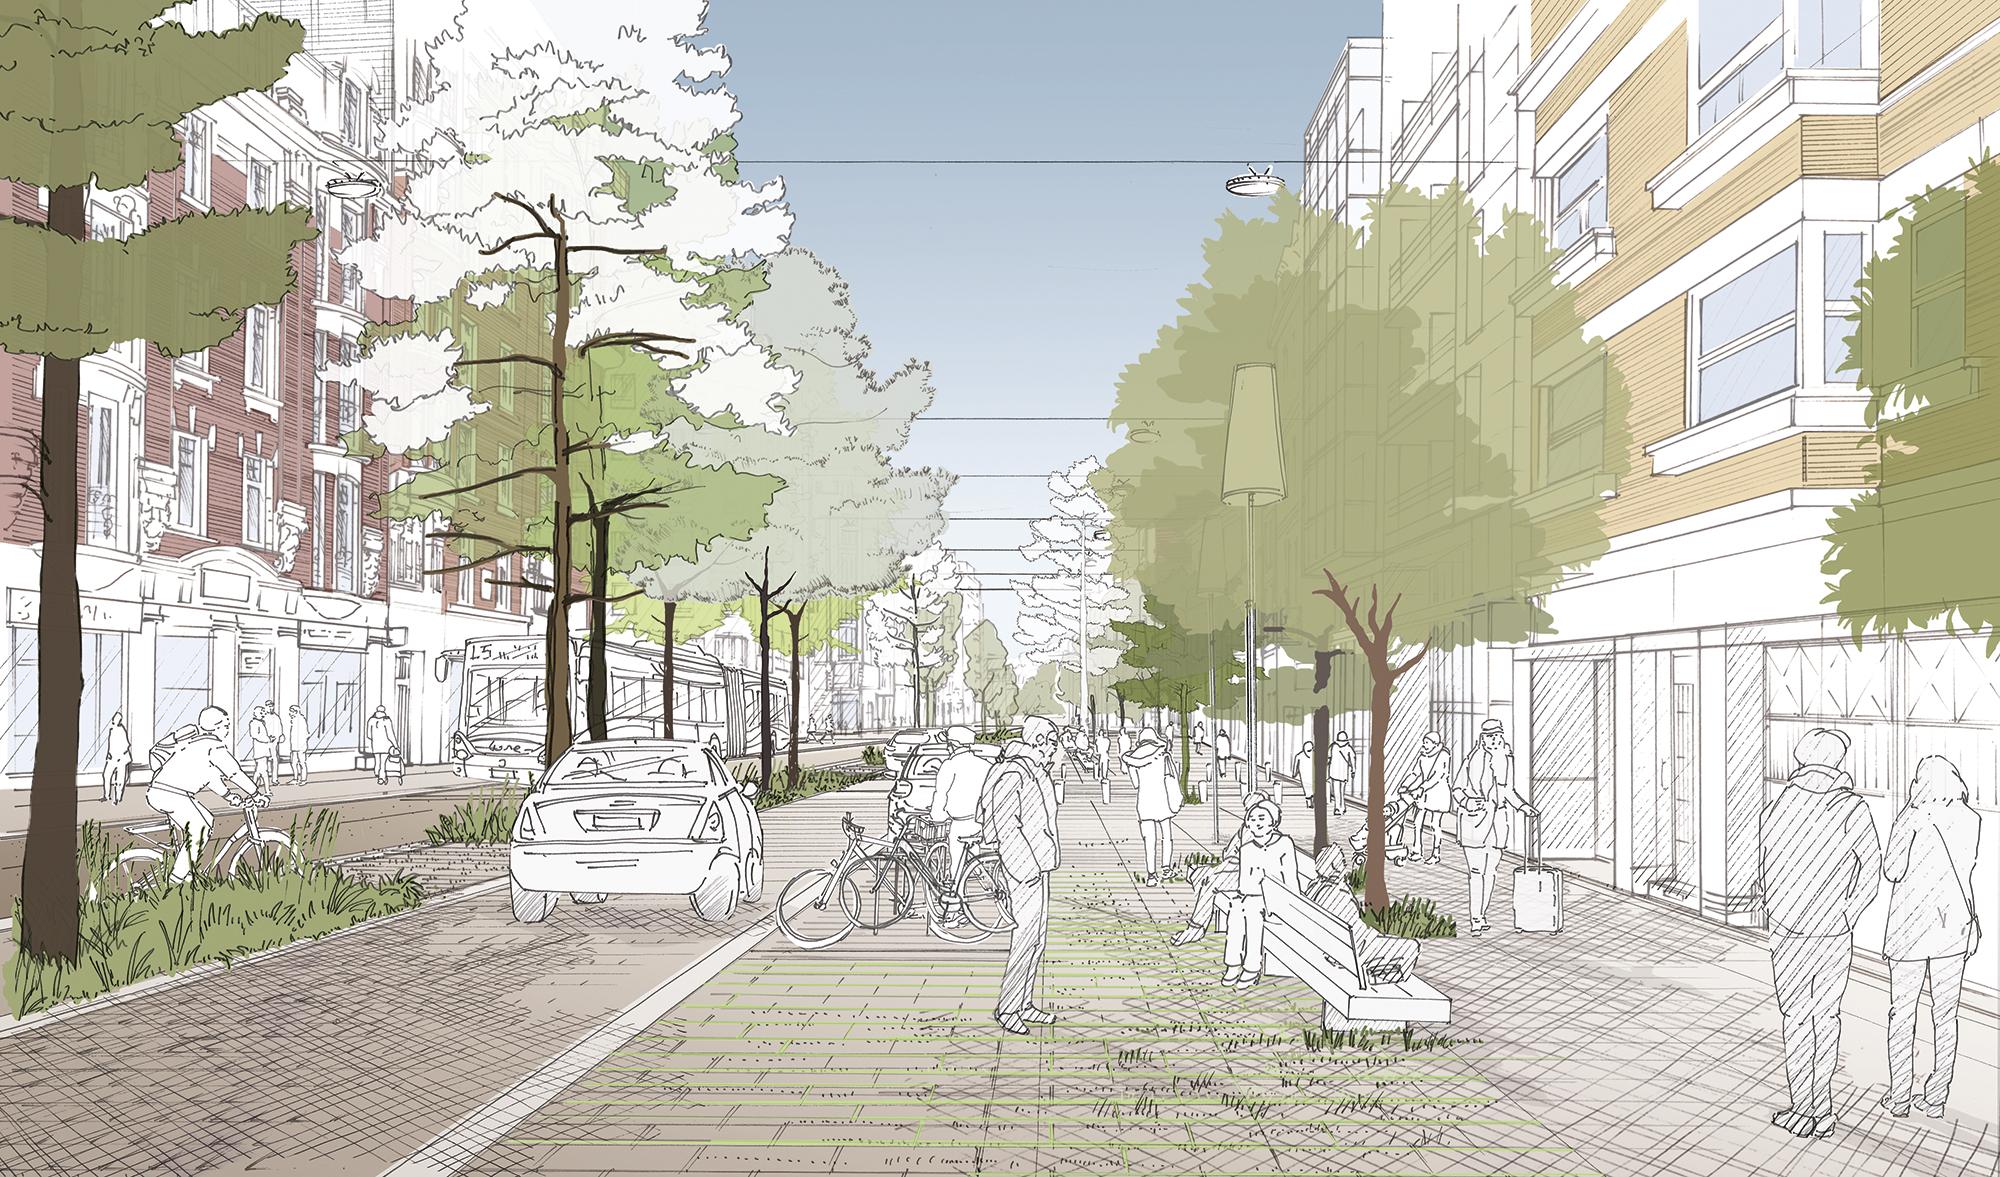 Perspective d'ambiance à l'intersection avec la rue P. Mauroy - rue du Molinel - Ville de Lille